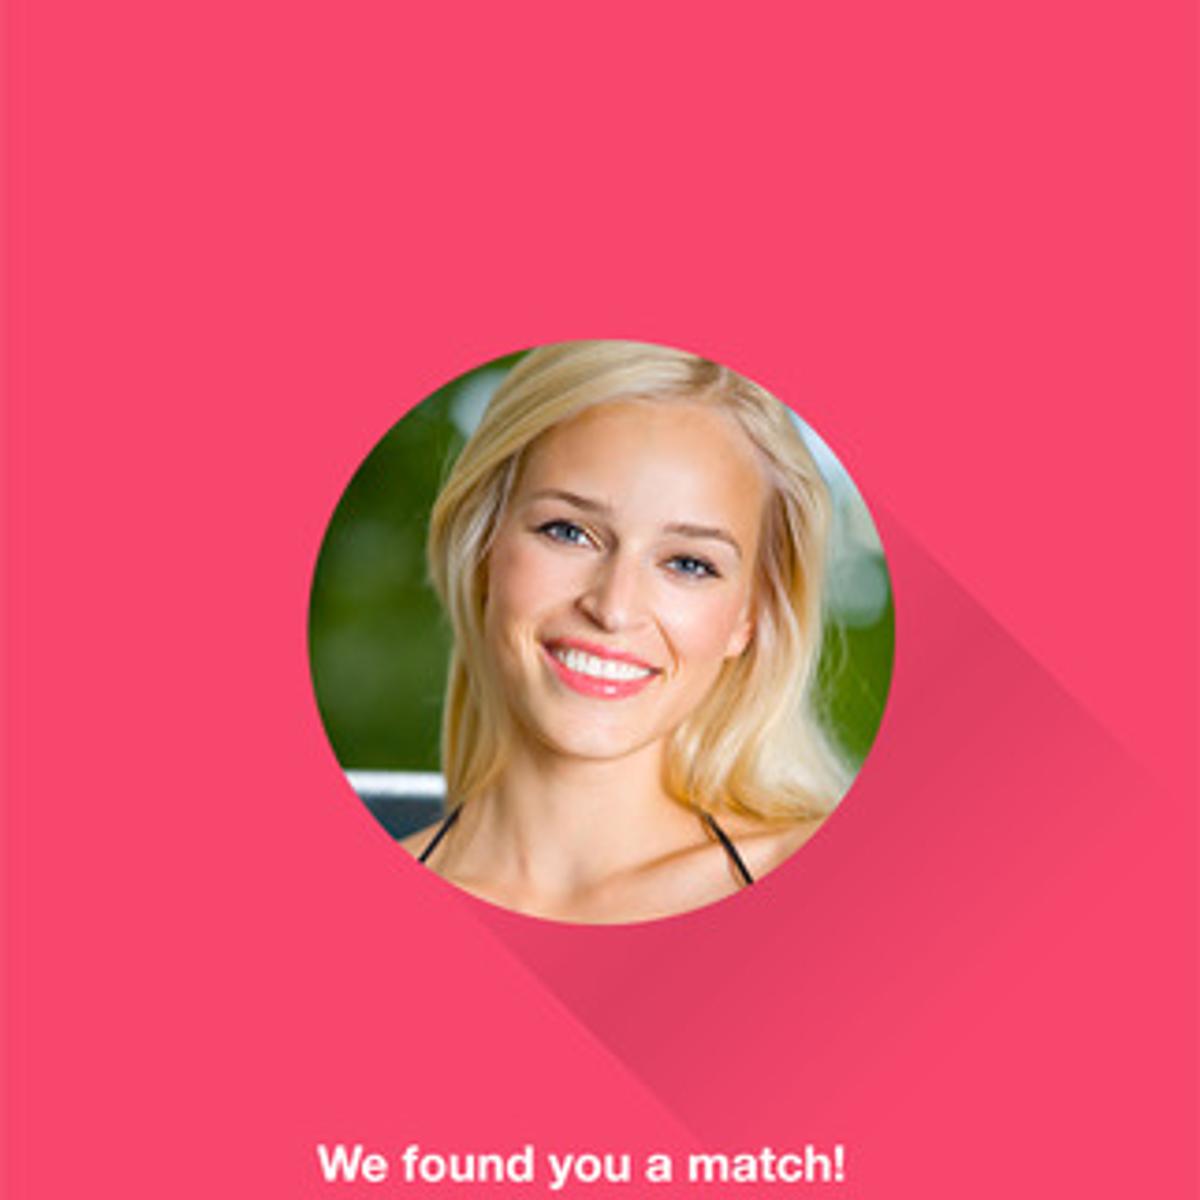 Mies online dating profiili vinkkejä